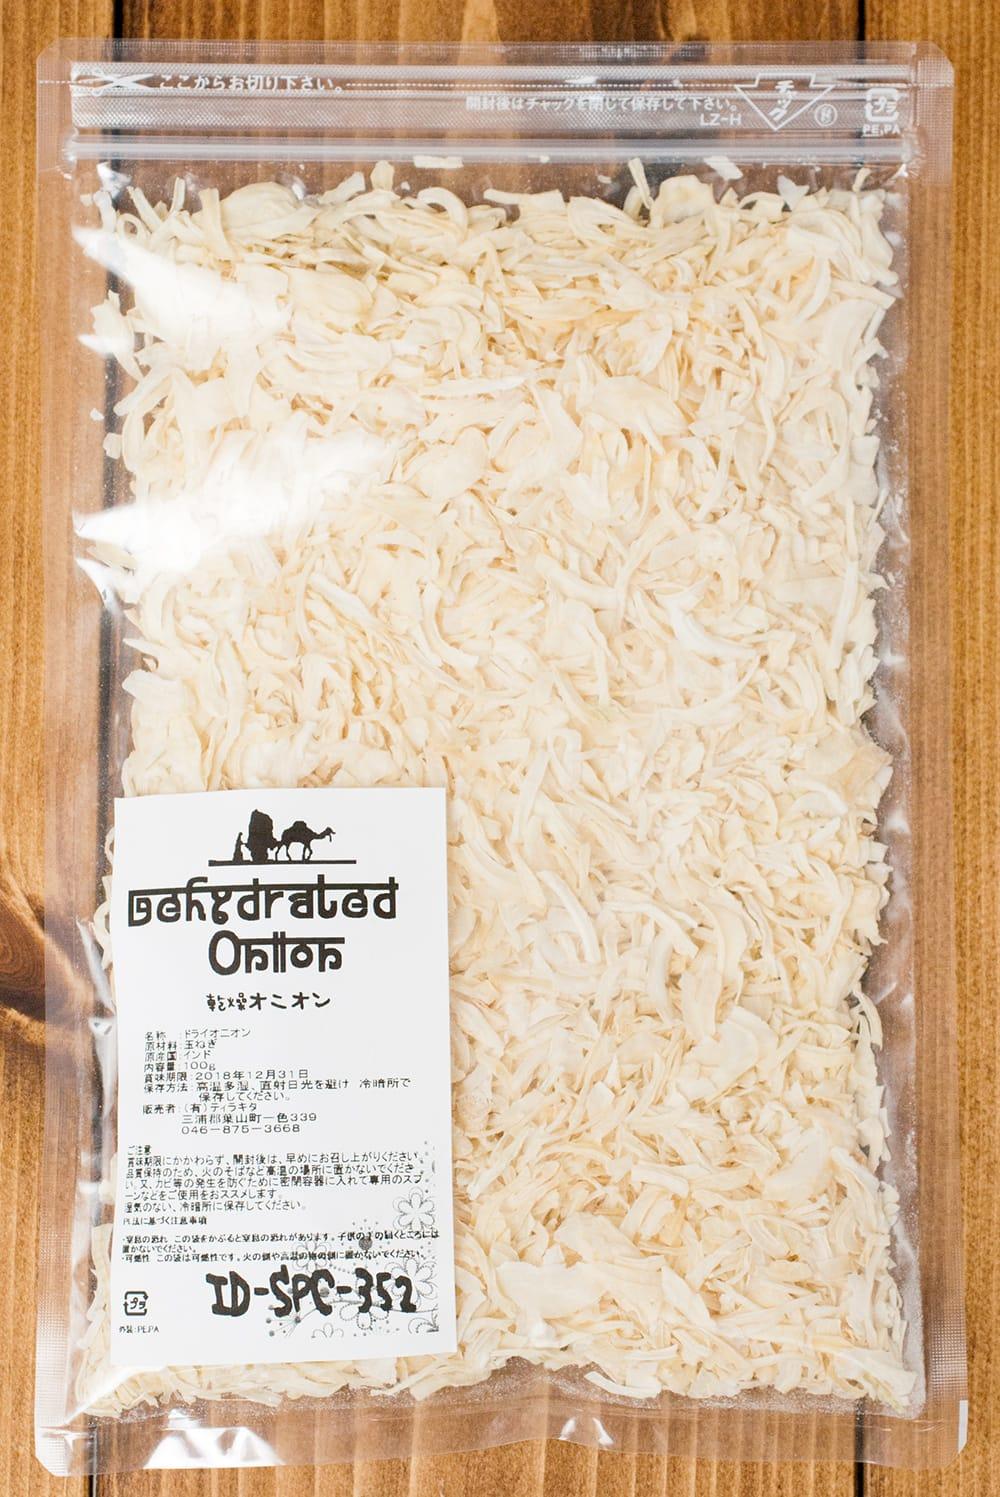 乾燥オニオン Dehydrated Onion 【100gパック】 3 - パッケージは、ジッパー付きで保存に便利。